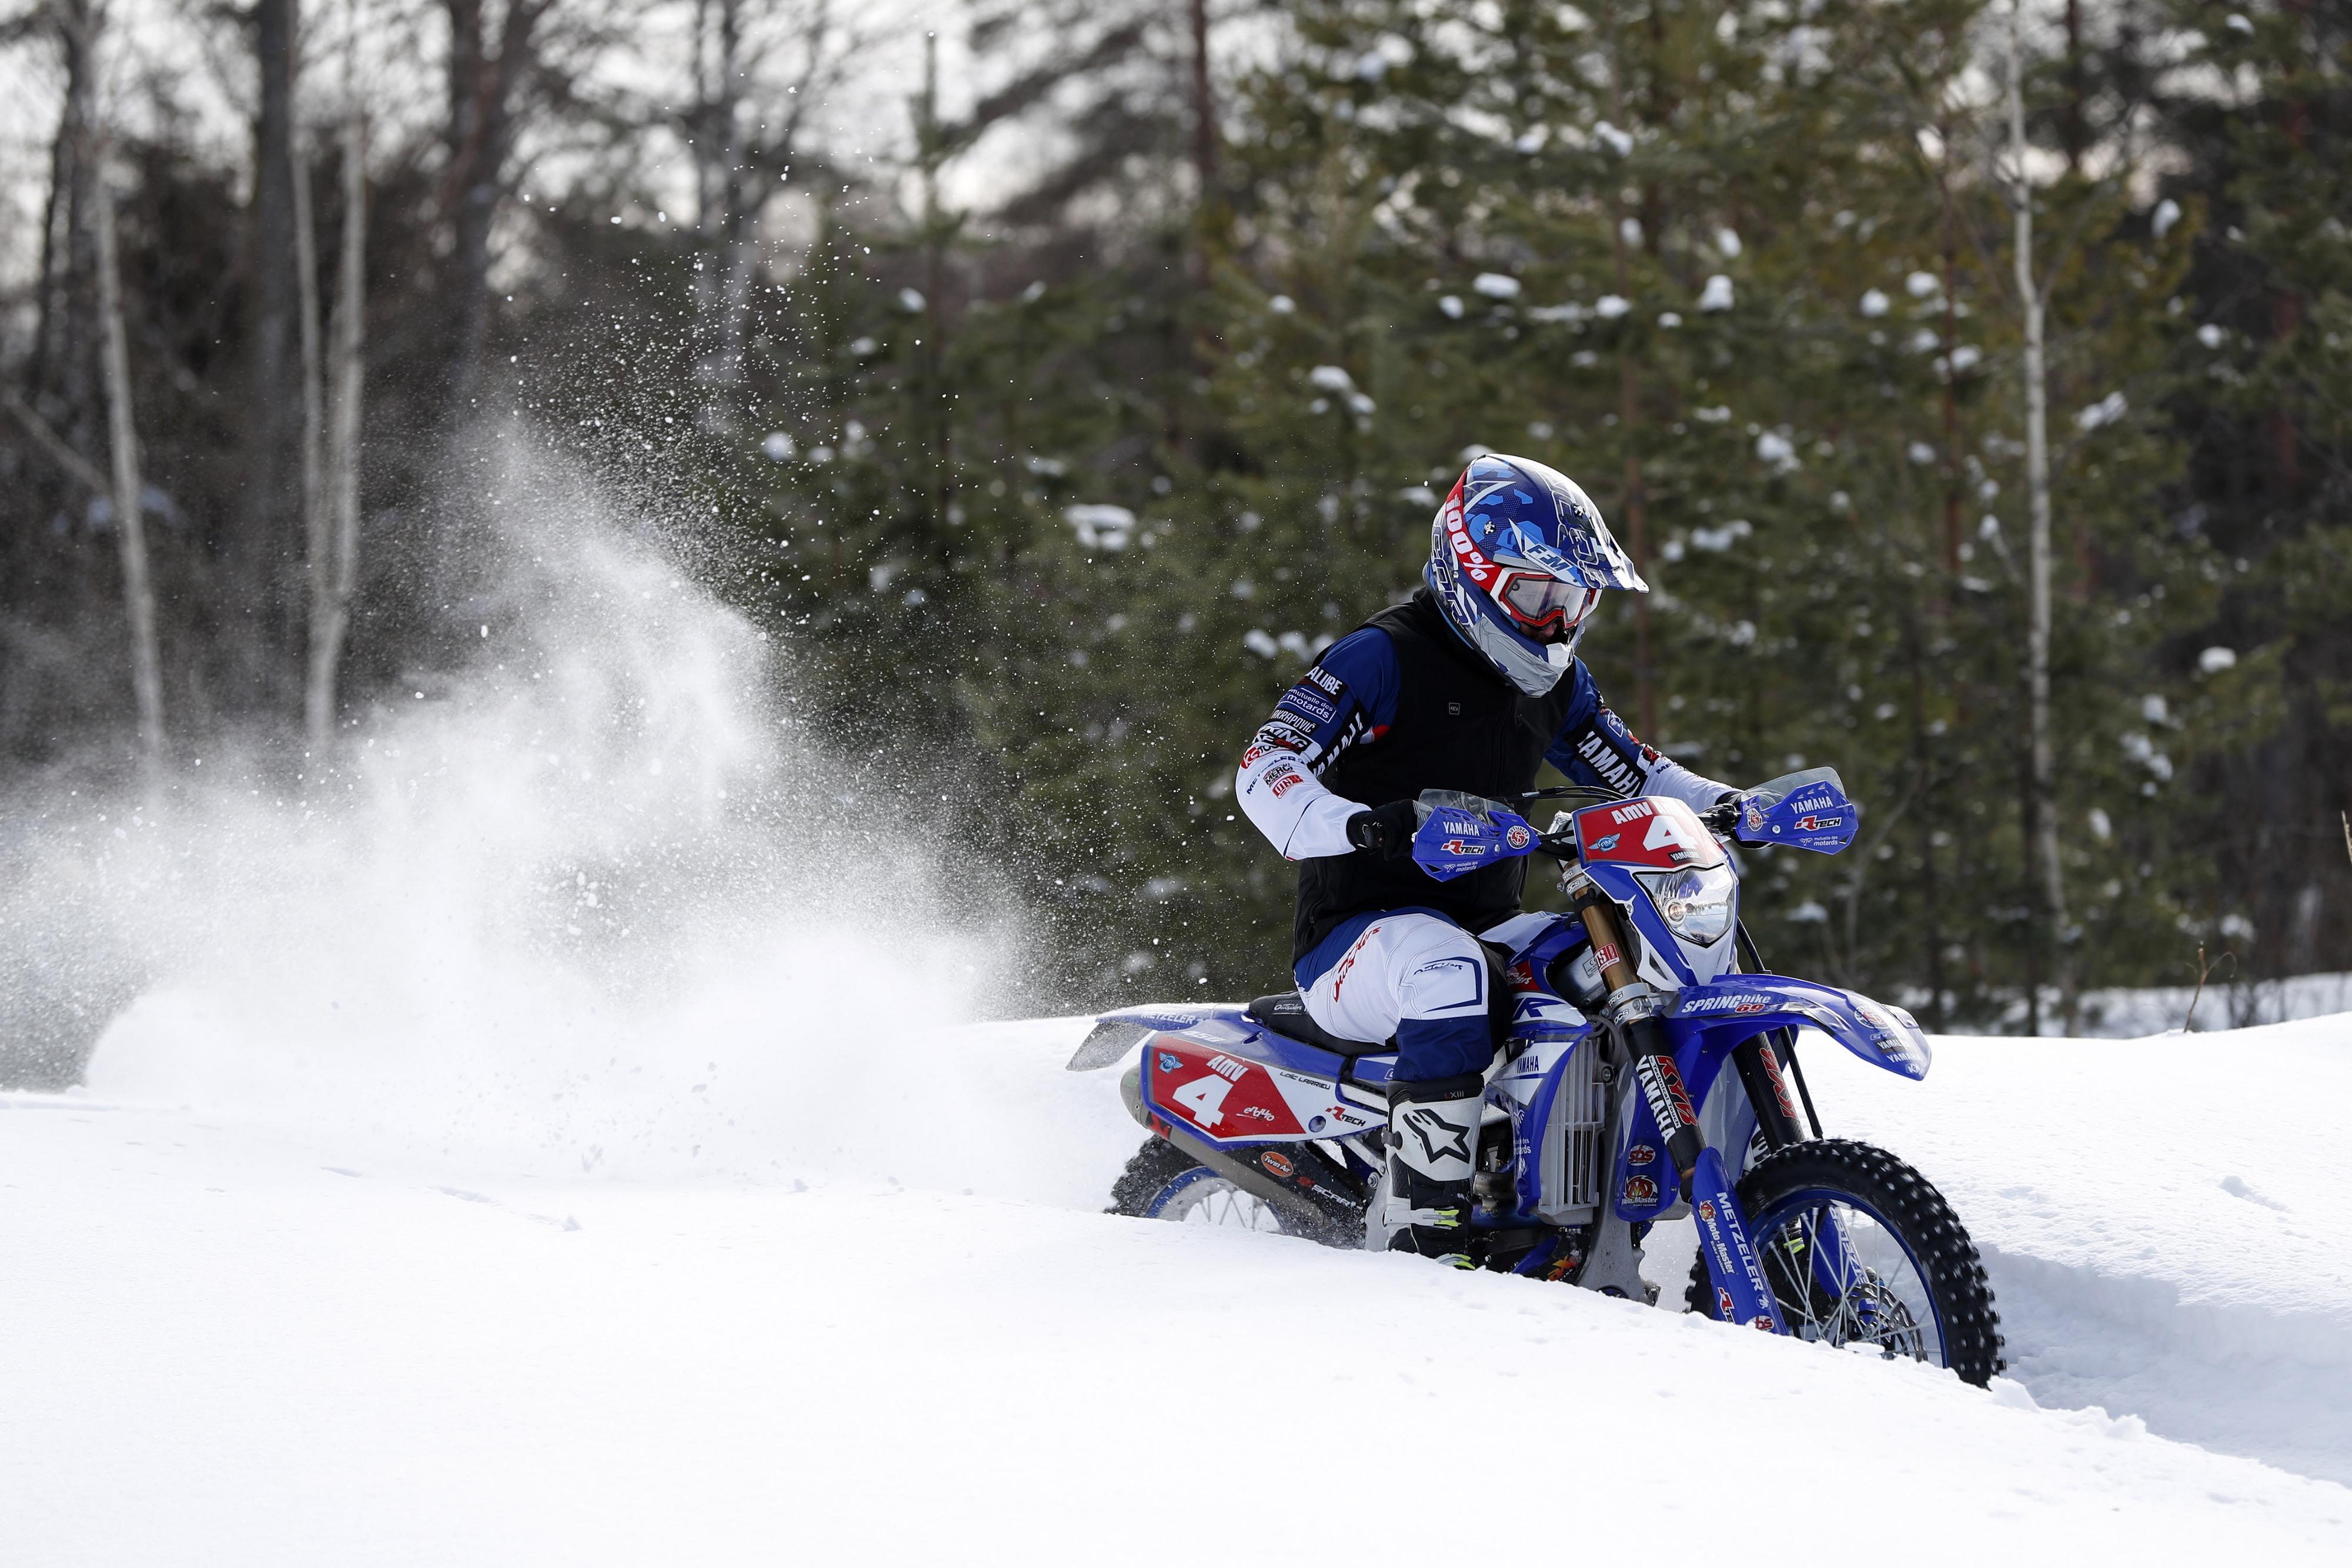 EnduroGP de Finlande avec le Team Outsider Yamaha